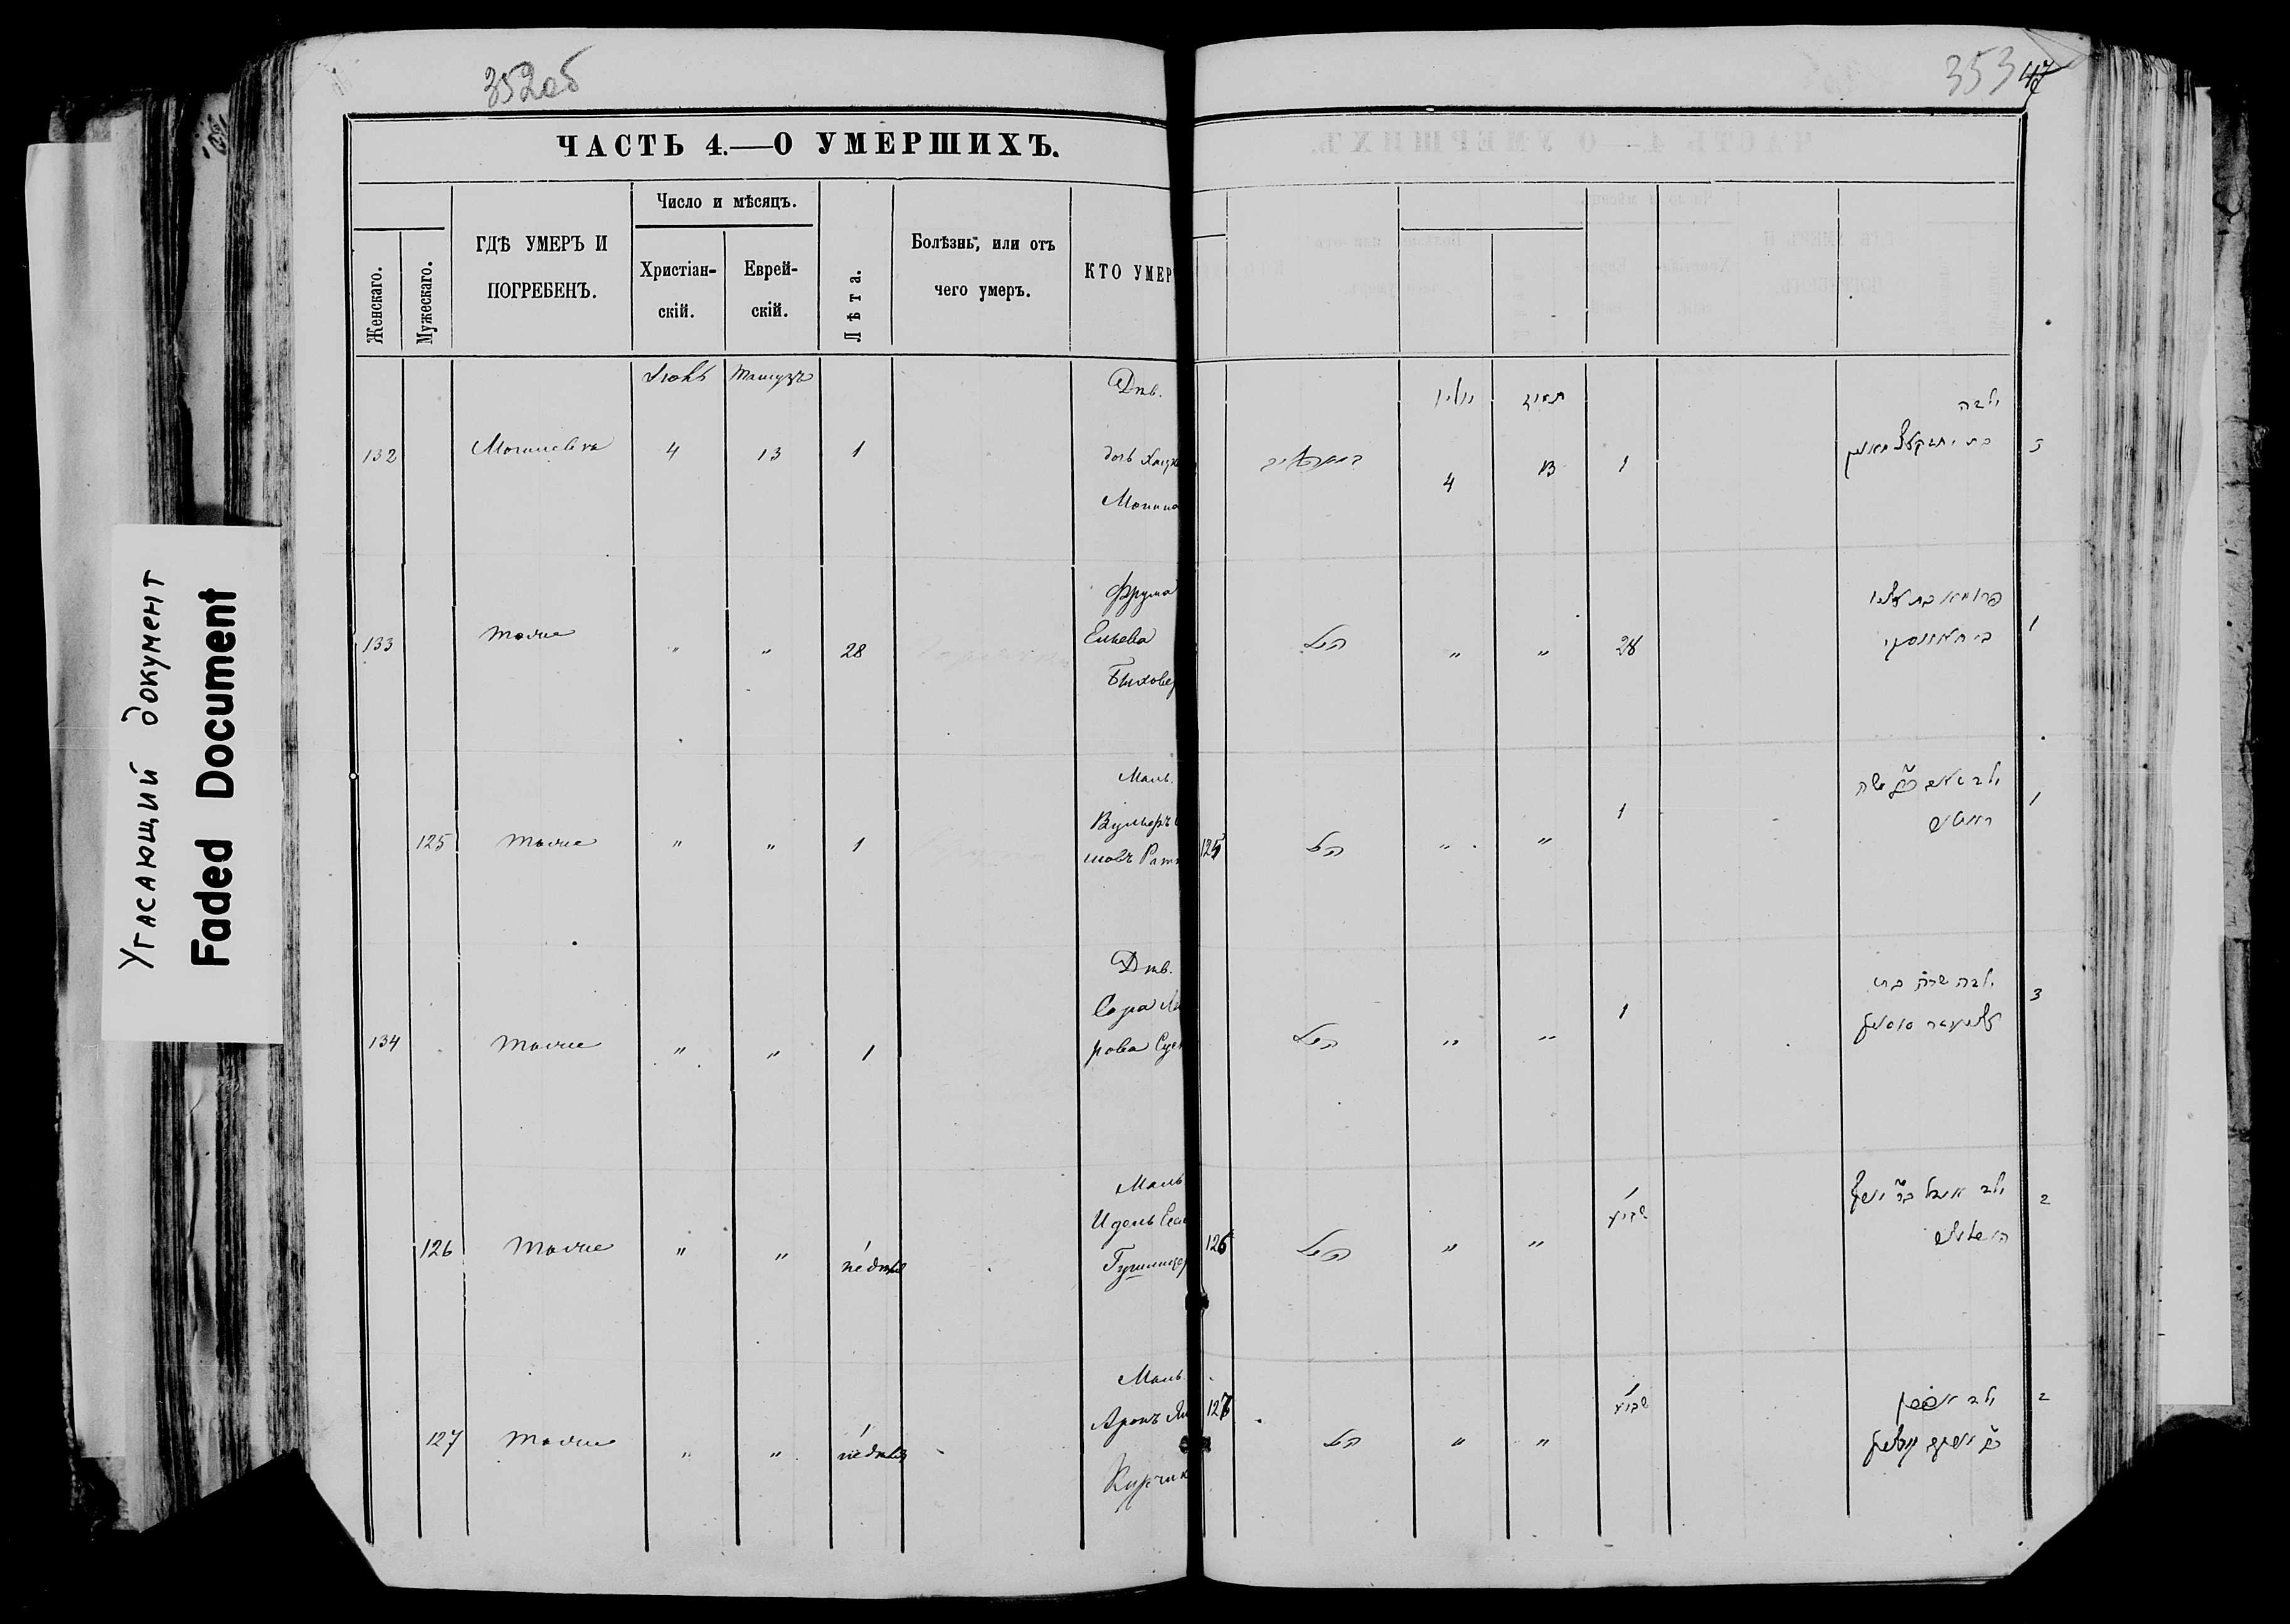 Арон Янкелевич Курчик ум. 4 июля 1875, запись 127, пленка 007766481, снимок 483